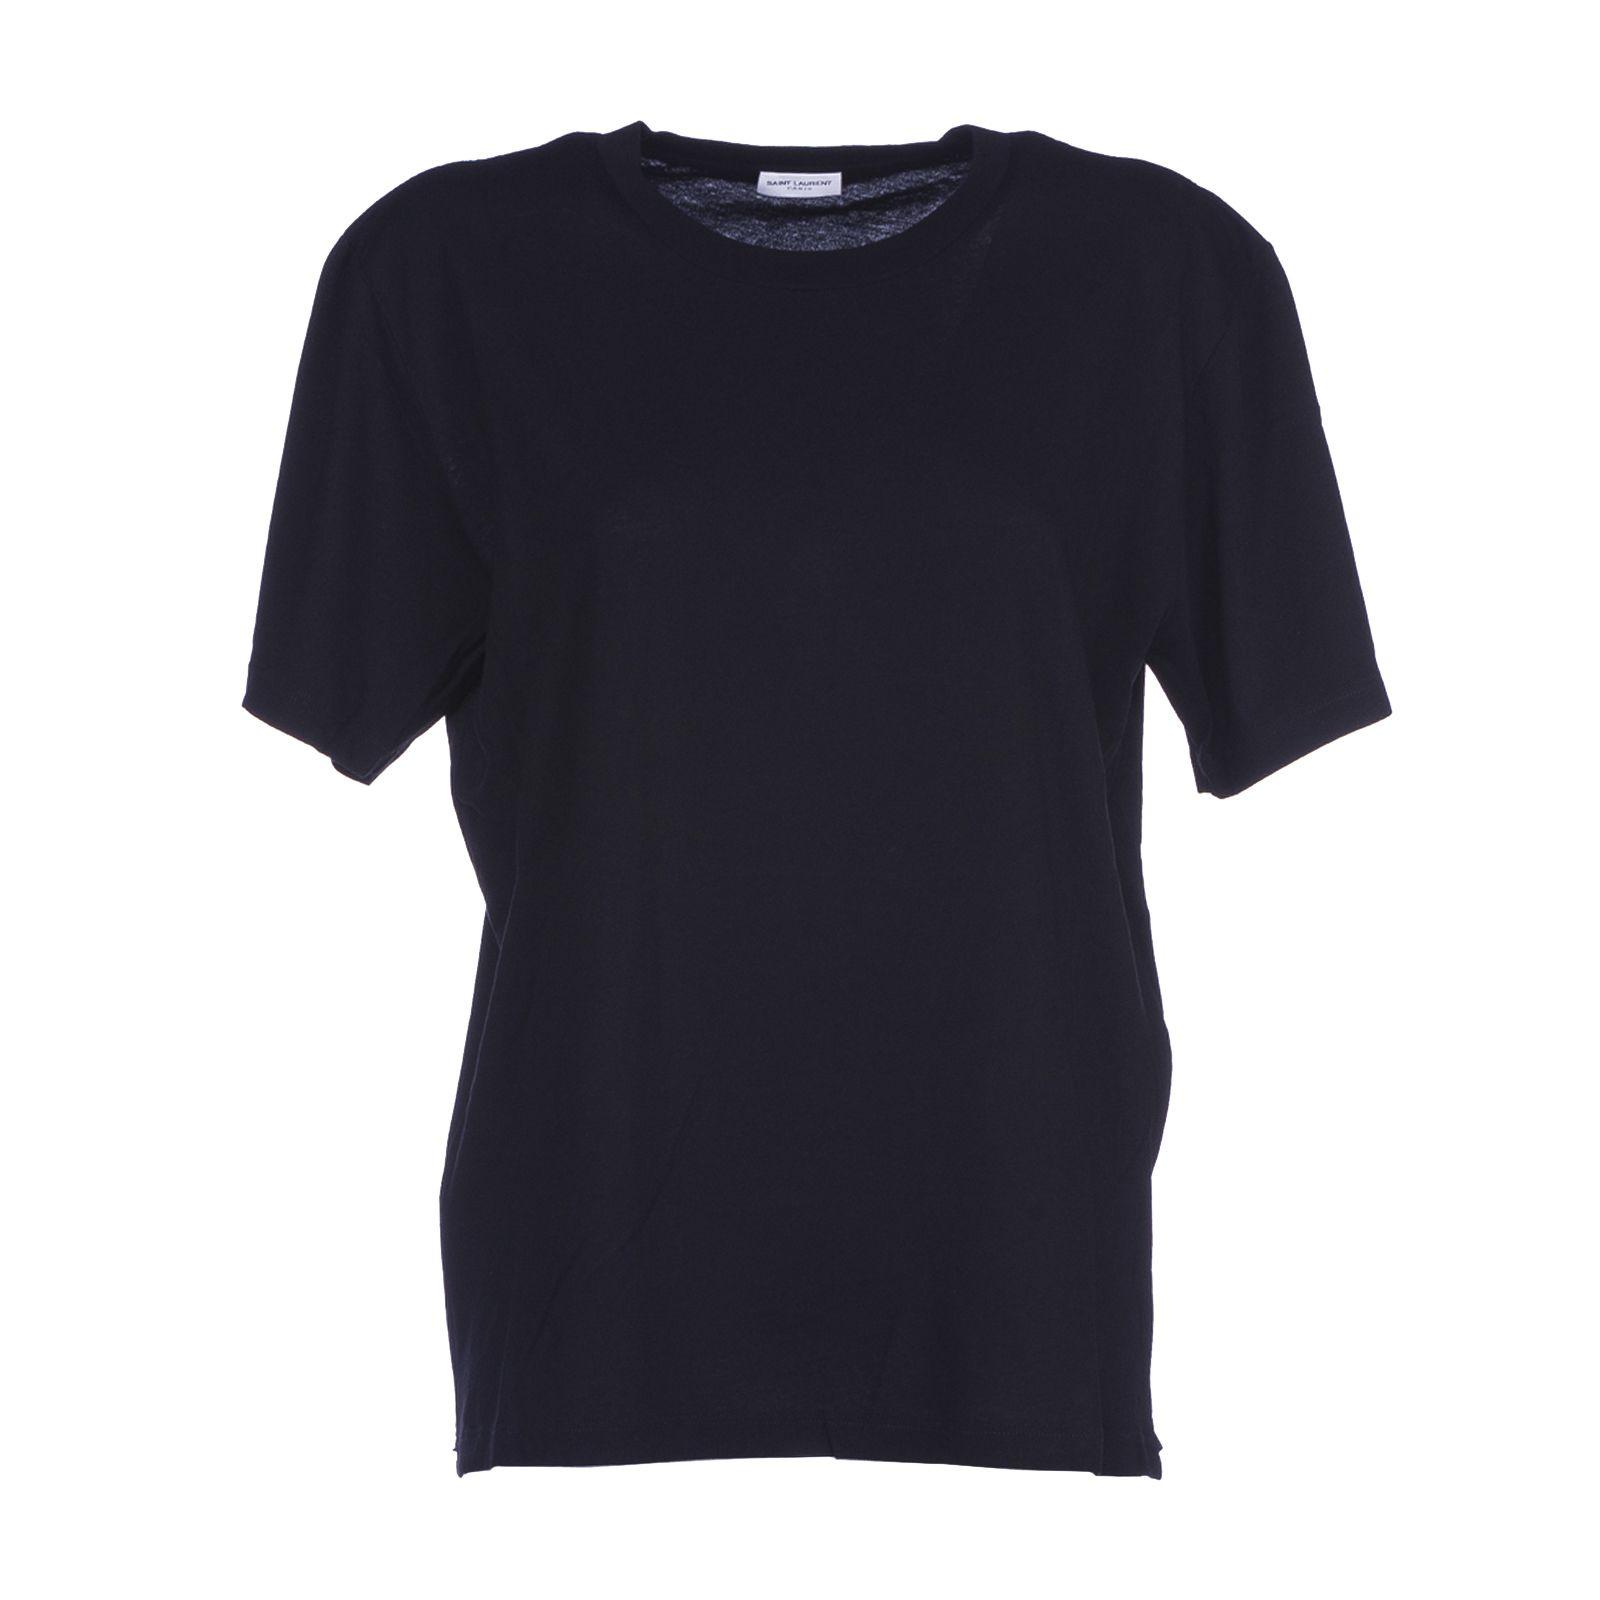 Saint Laurent Paris Cat T-shirt